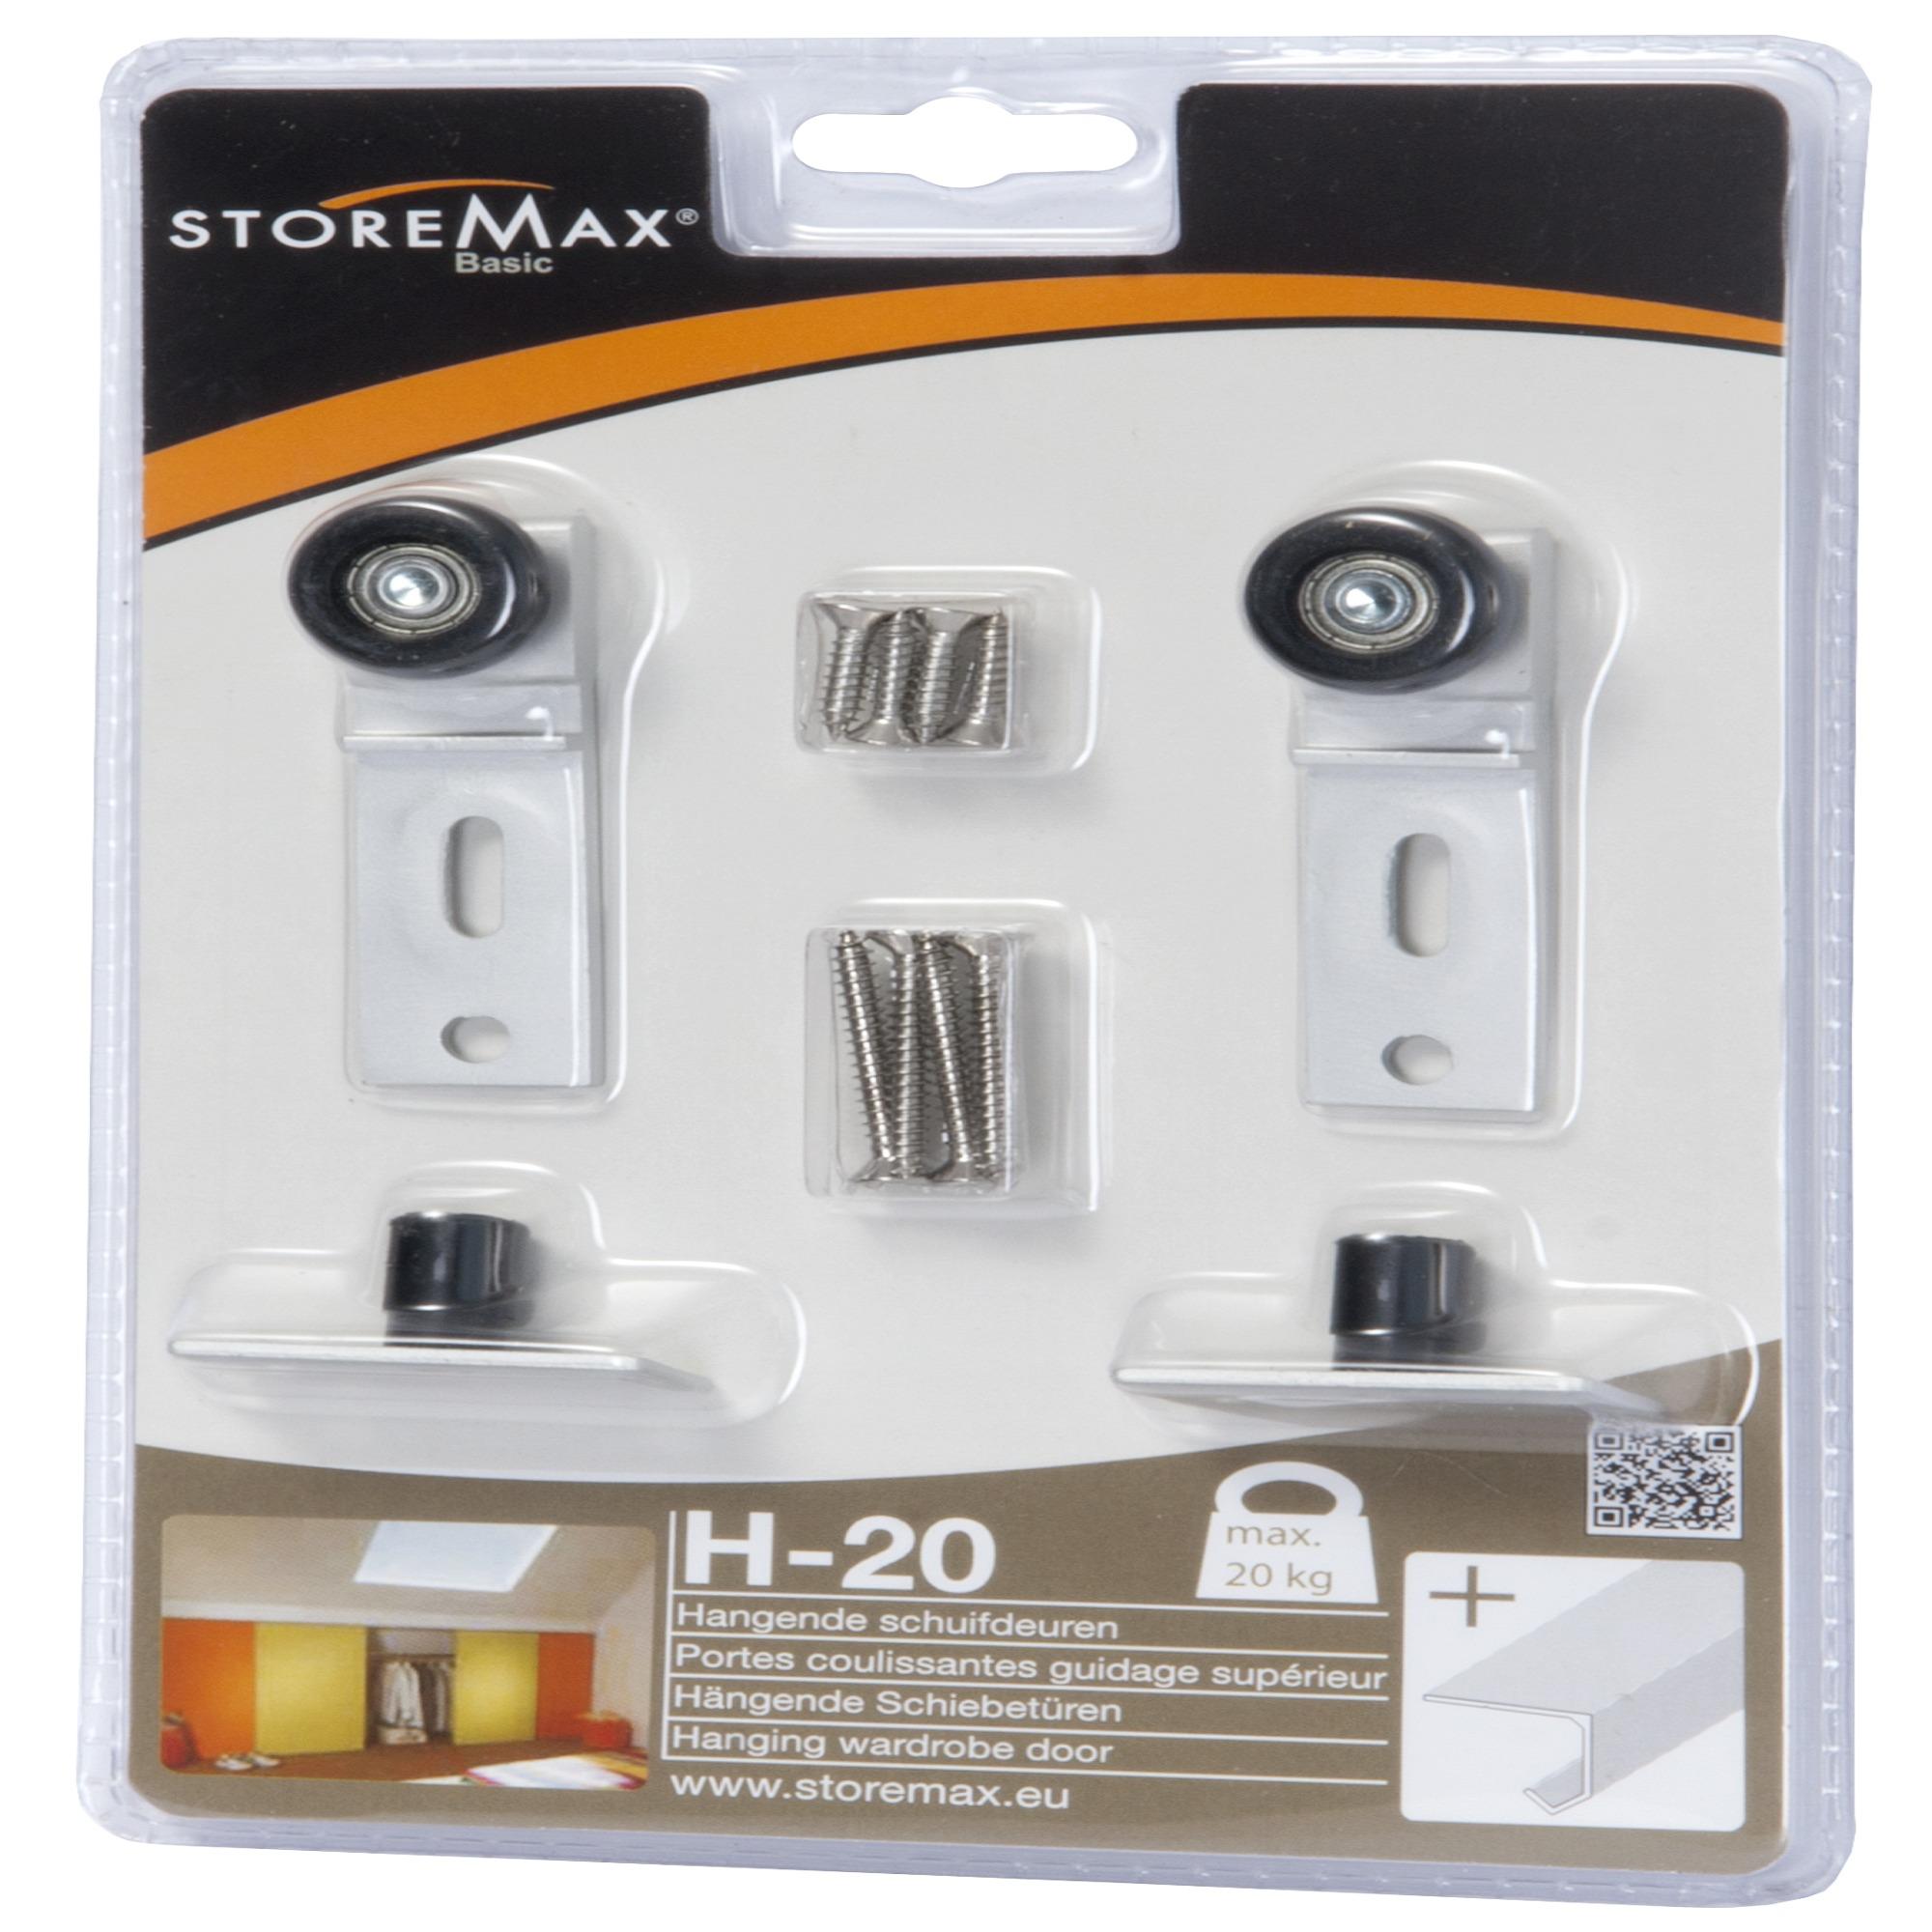 Storemax wielenset schuifdeur H20   Schuifrailsystemen   Meubelbeslag  u0026 accessoires   IJzerwaren